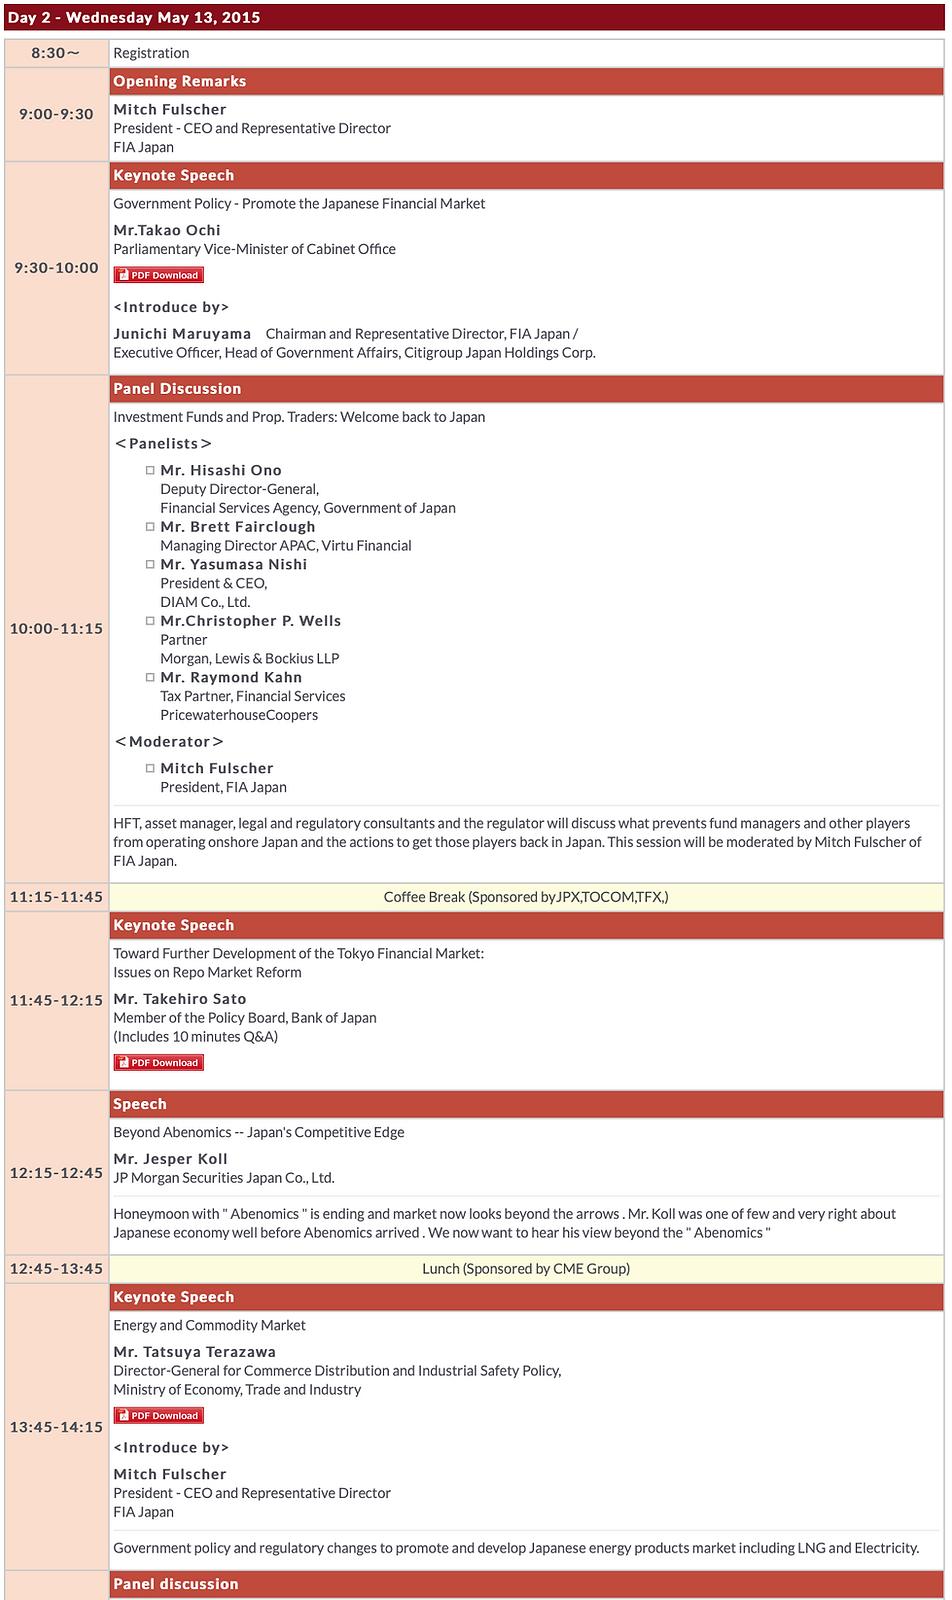 2015 conf agenda 2.png